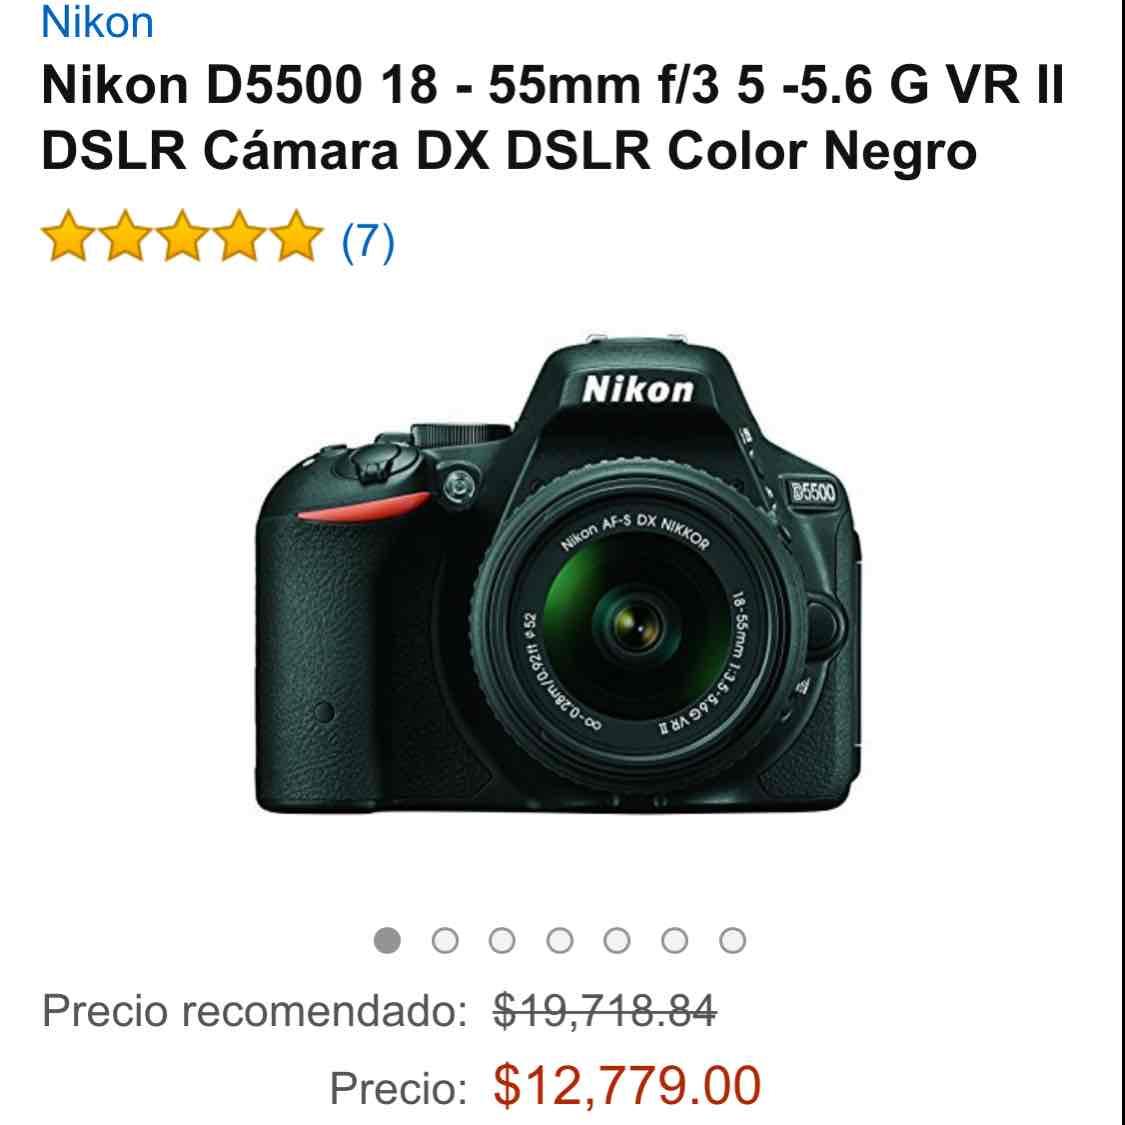 Oferta del Hot Sale en Amazon: Cámara Nikon D5500 a $12,779 ($10,415 con Banamex)